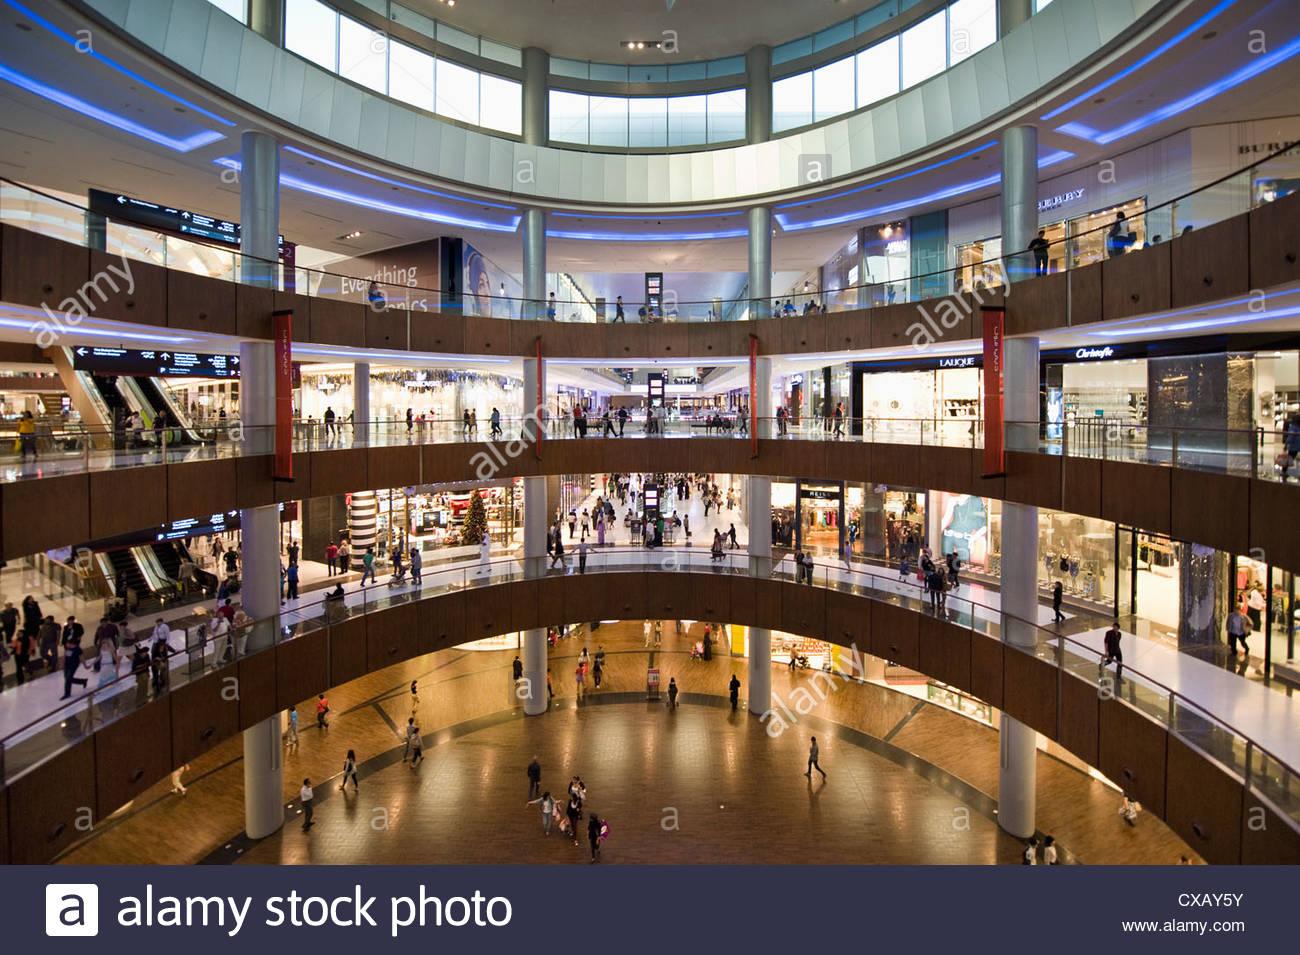 Dubai Mall, Dubai, Emiratos Árabes Unidos, Oriente Medio Imagen De Stock